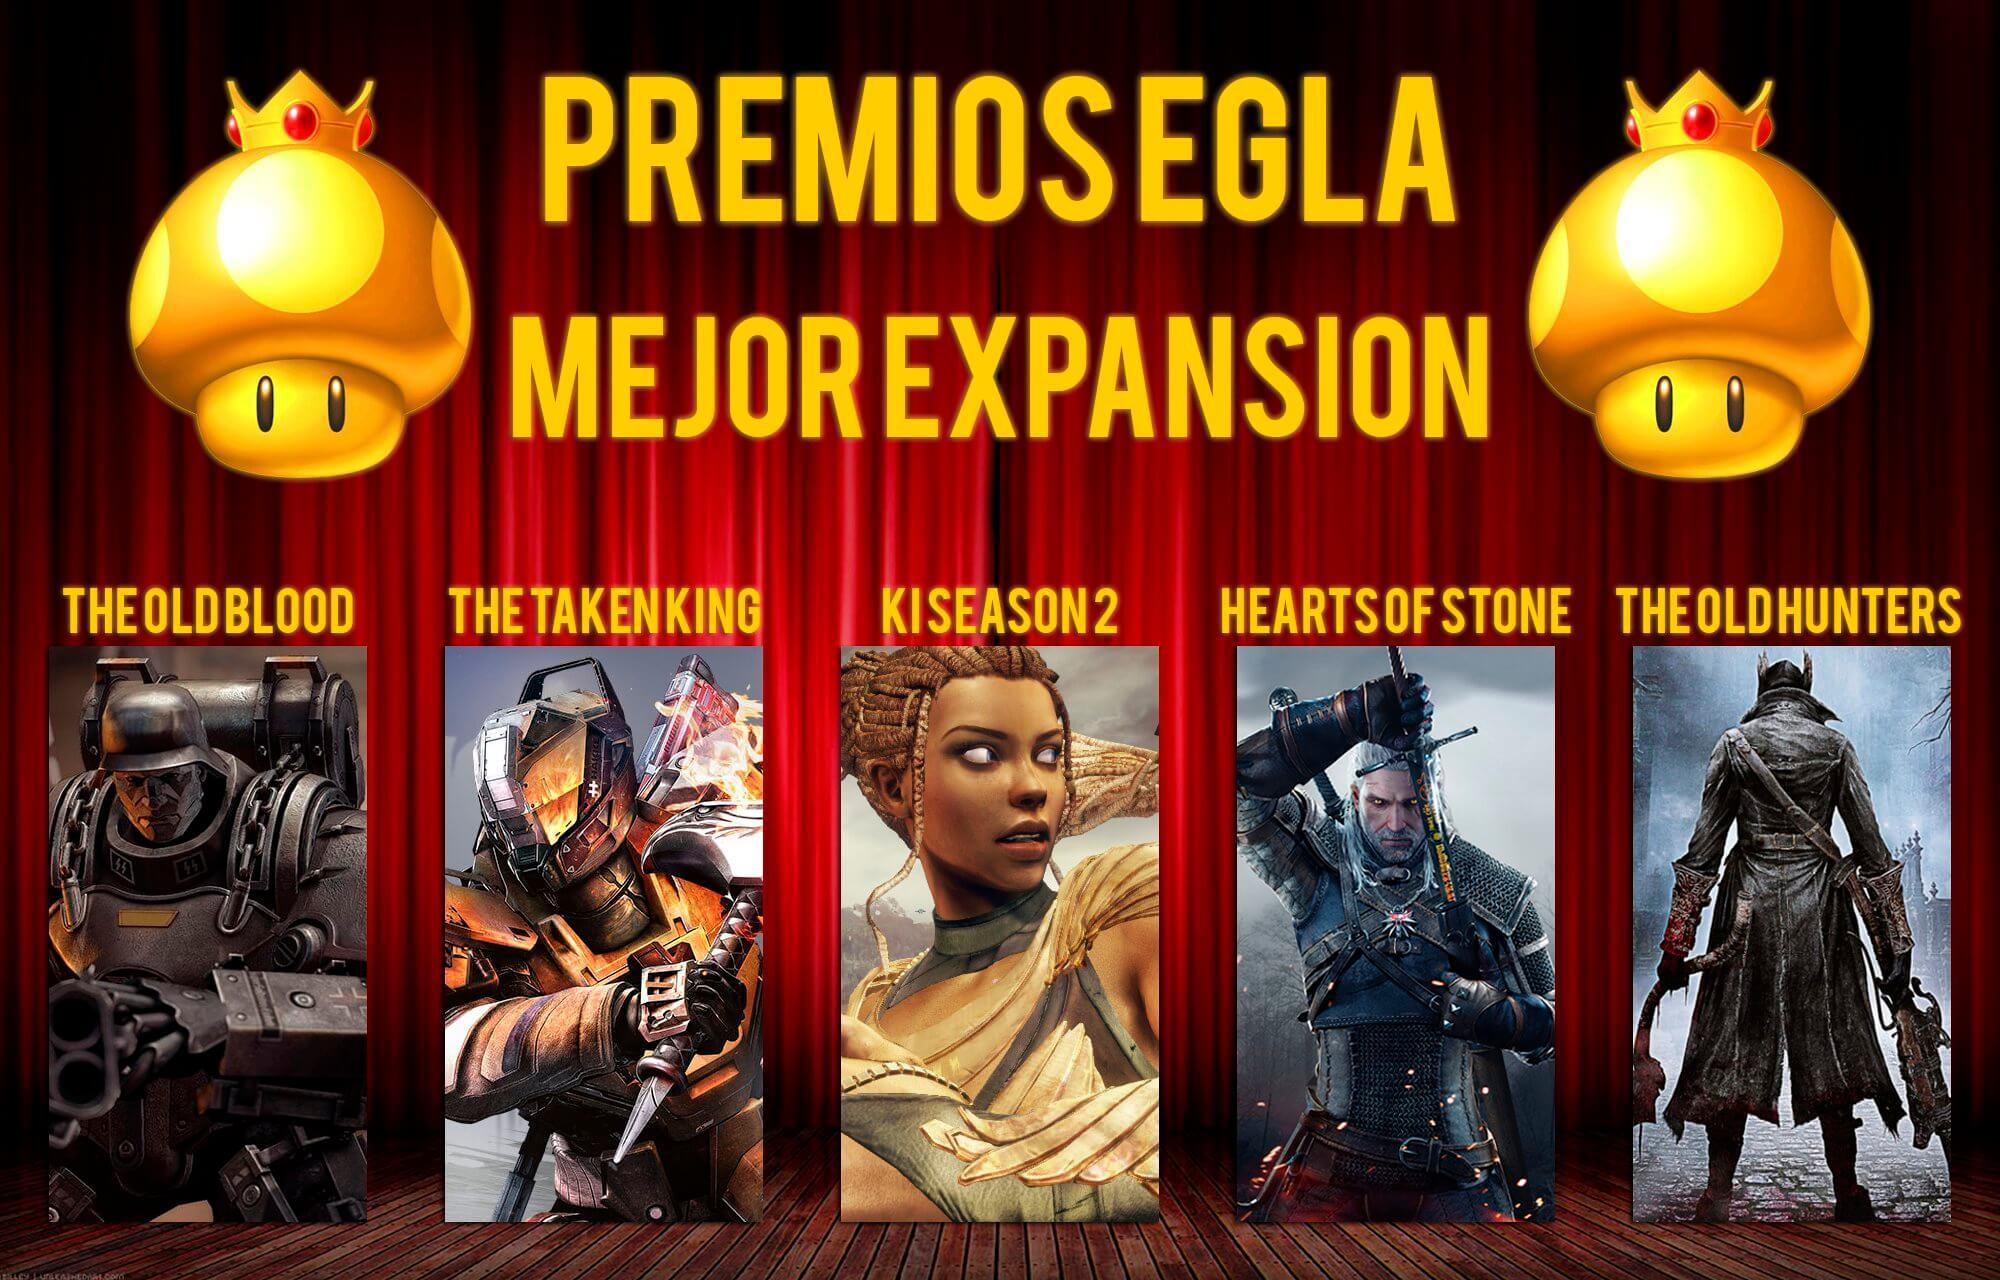 Premios EGLA 2015 Mejor Expansión